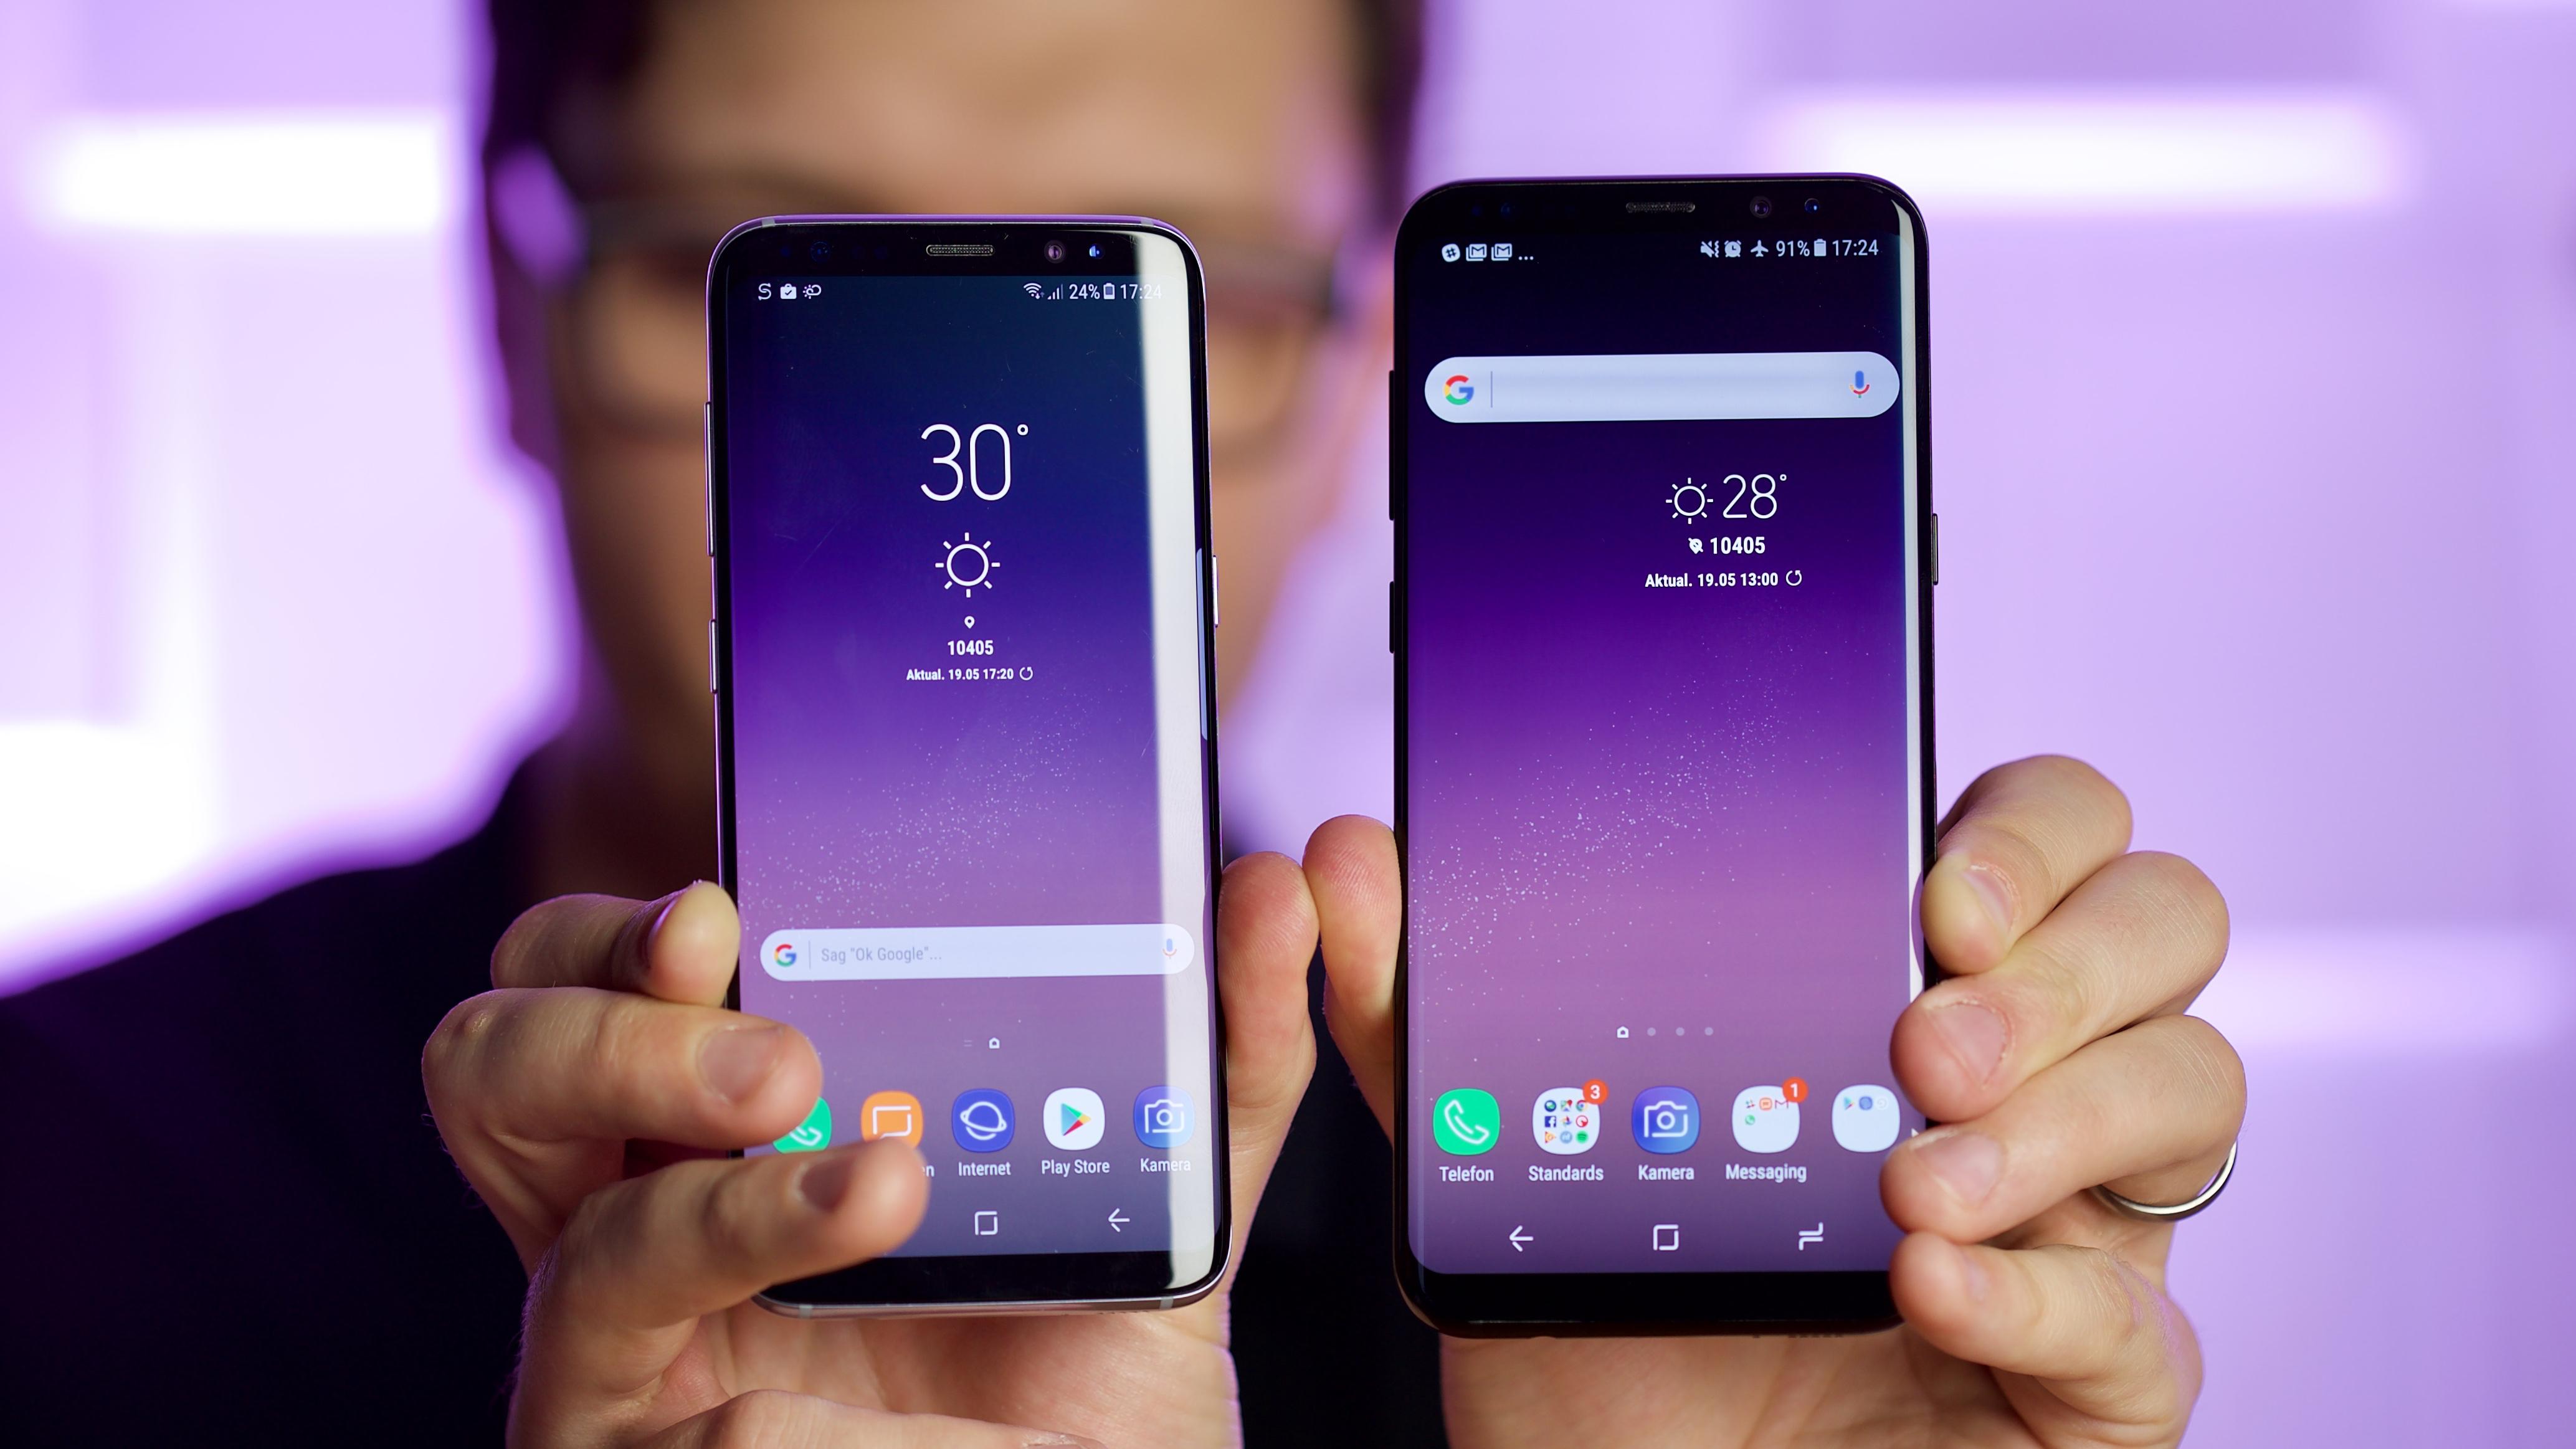 kann keine sms lesen samsung galaxy s8+